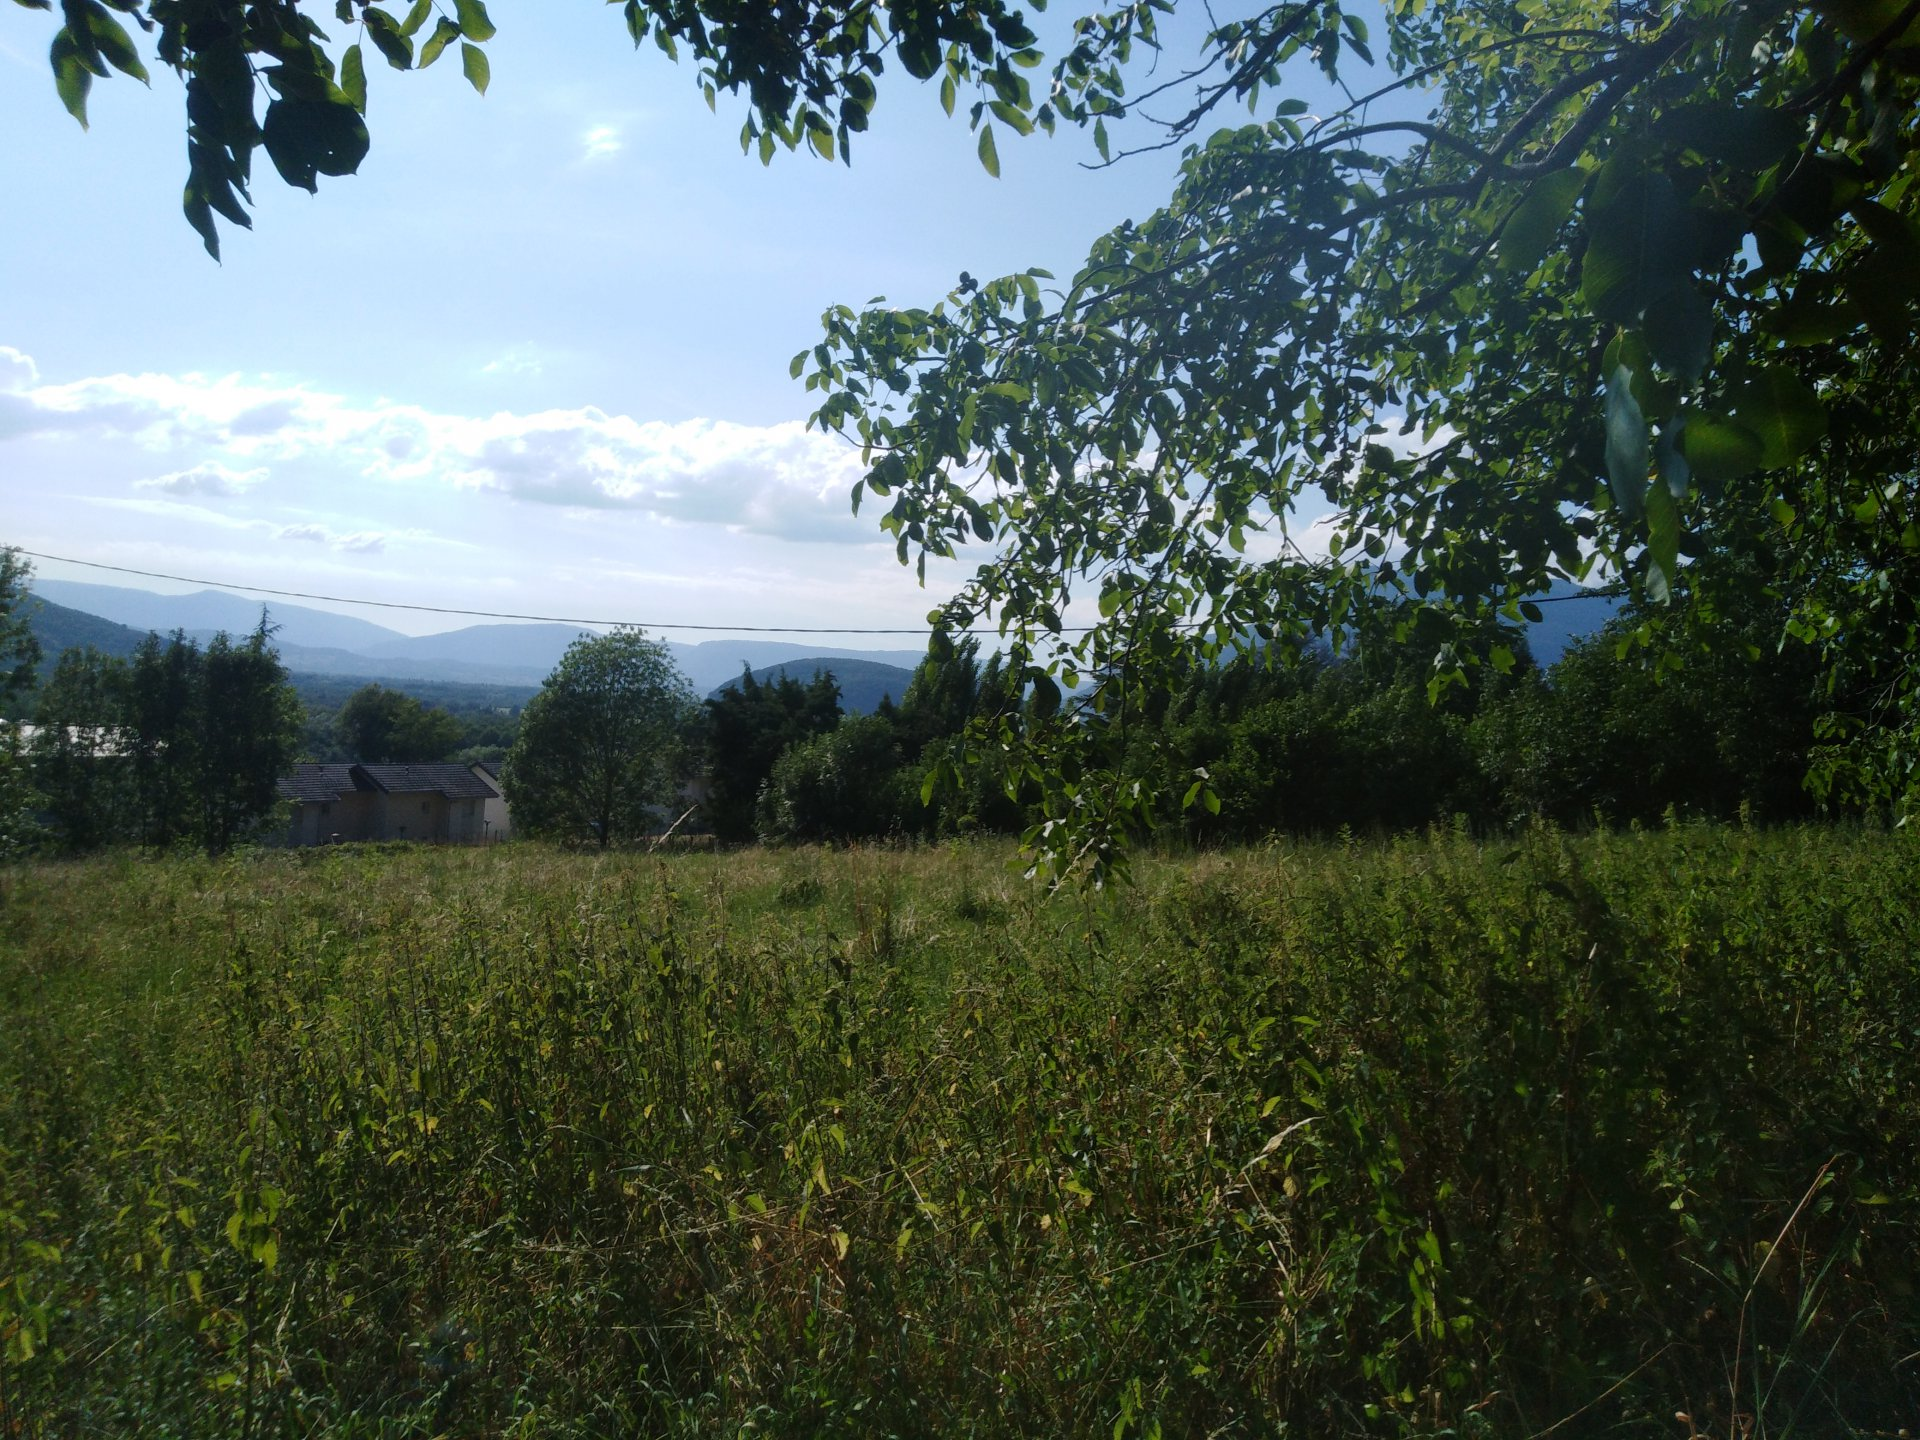 Sale Building land - Aix-les-Bains